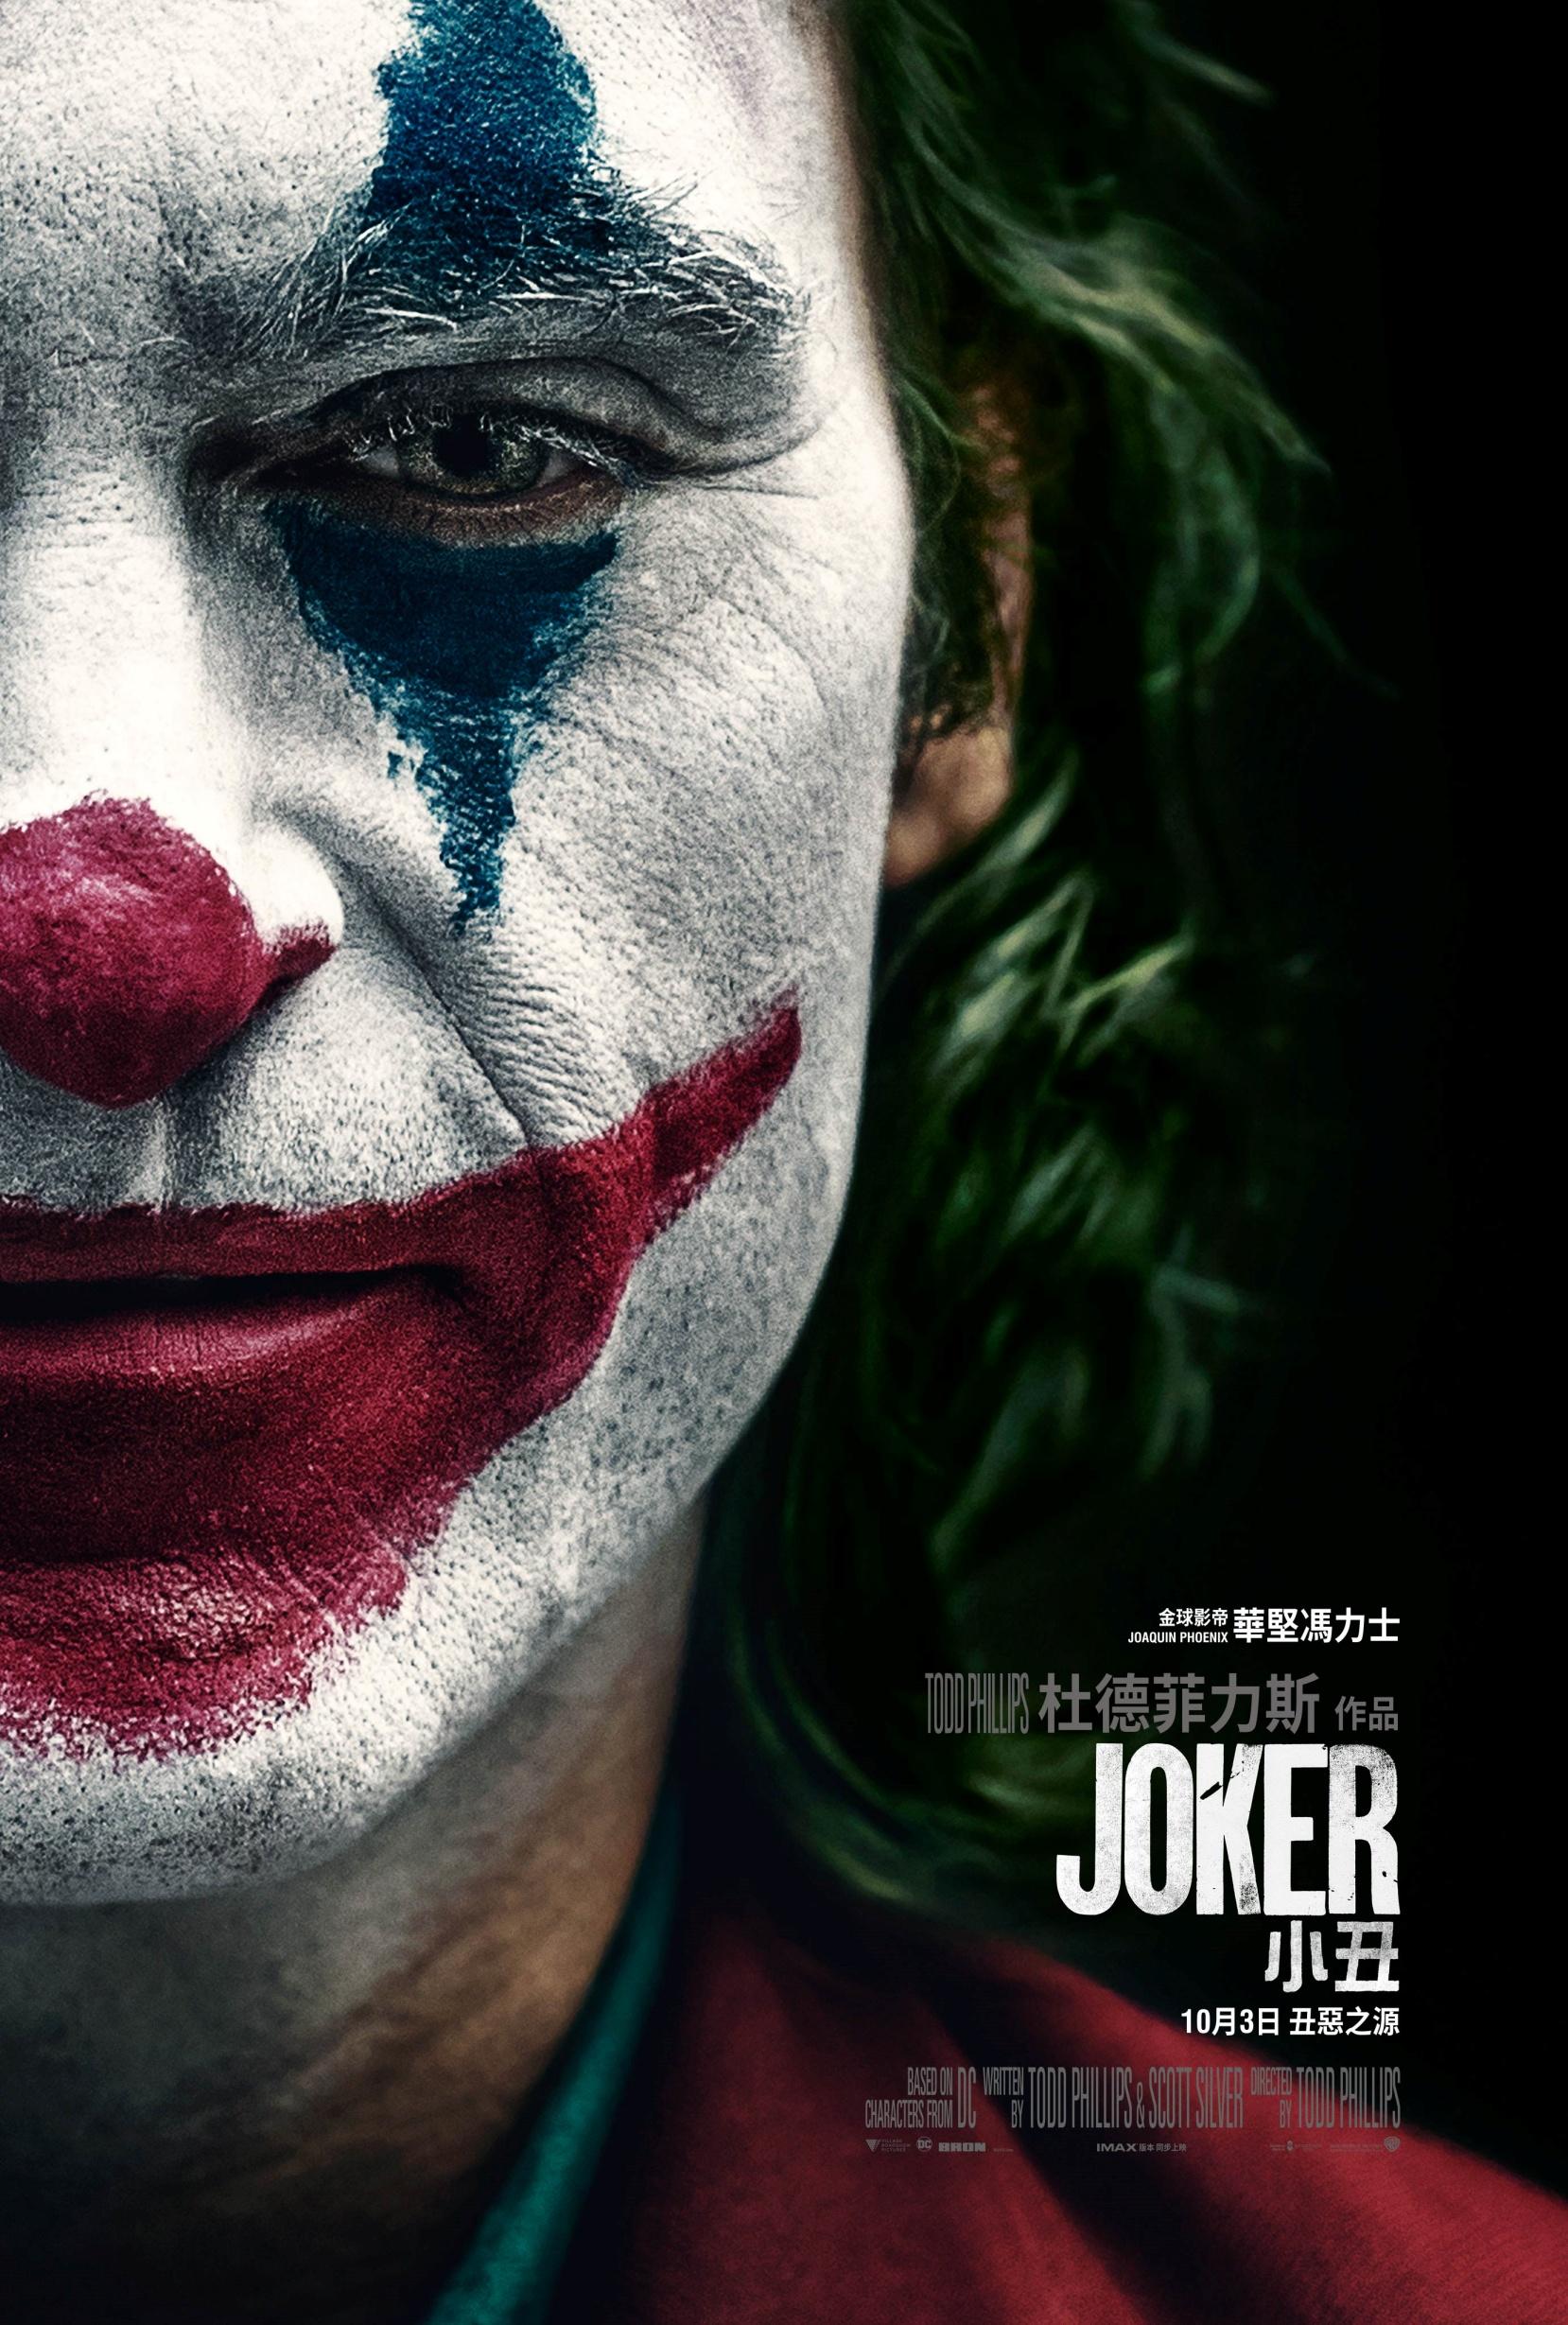 20190829_Joker_Poster.jpg